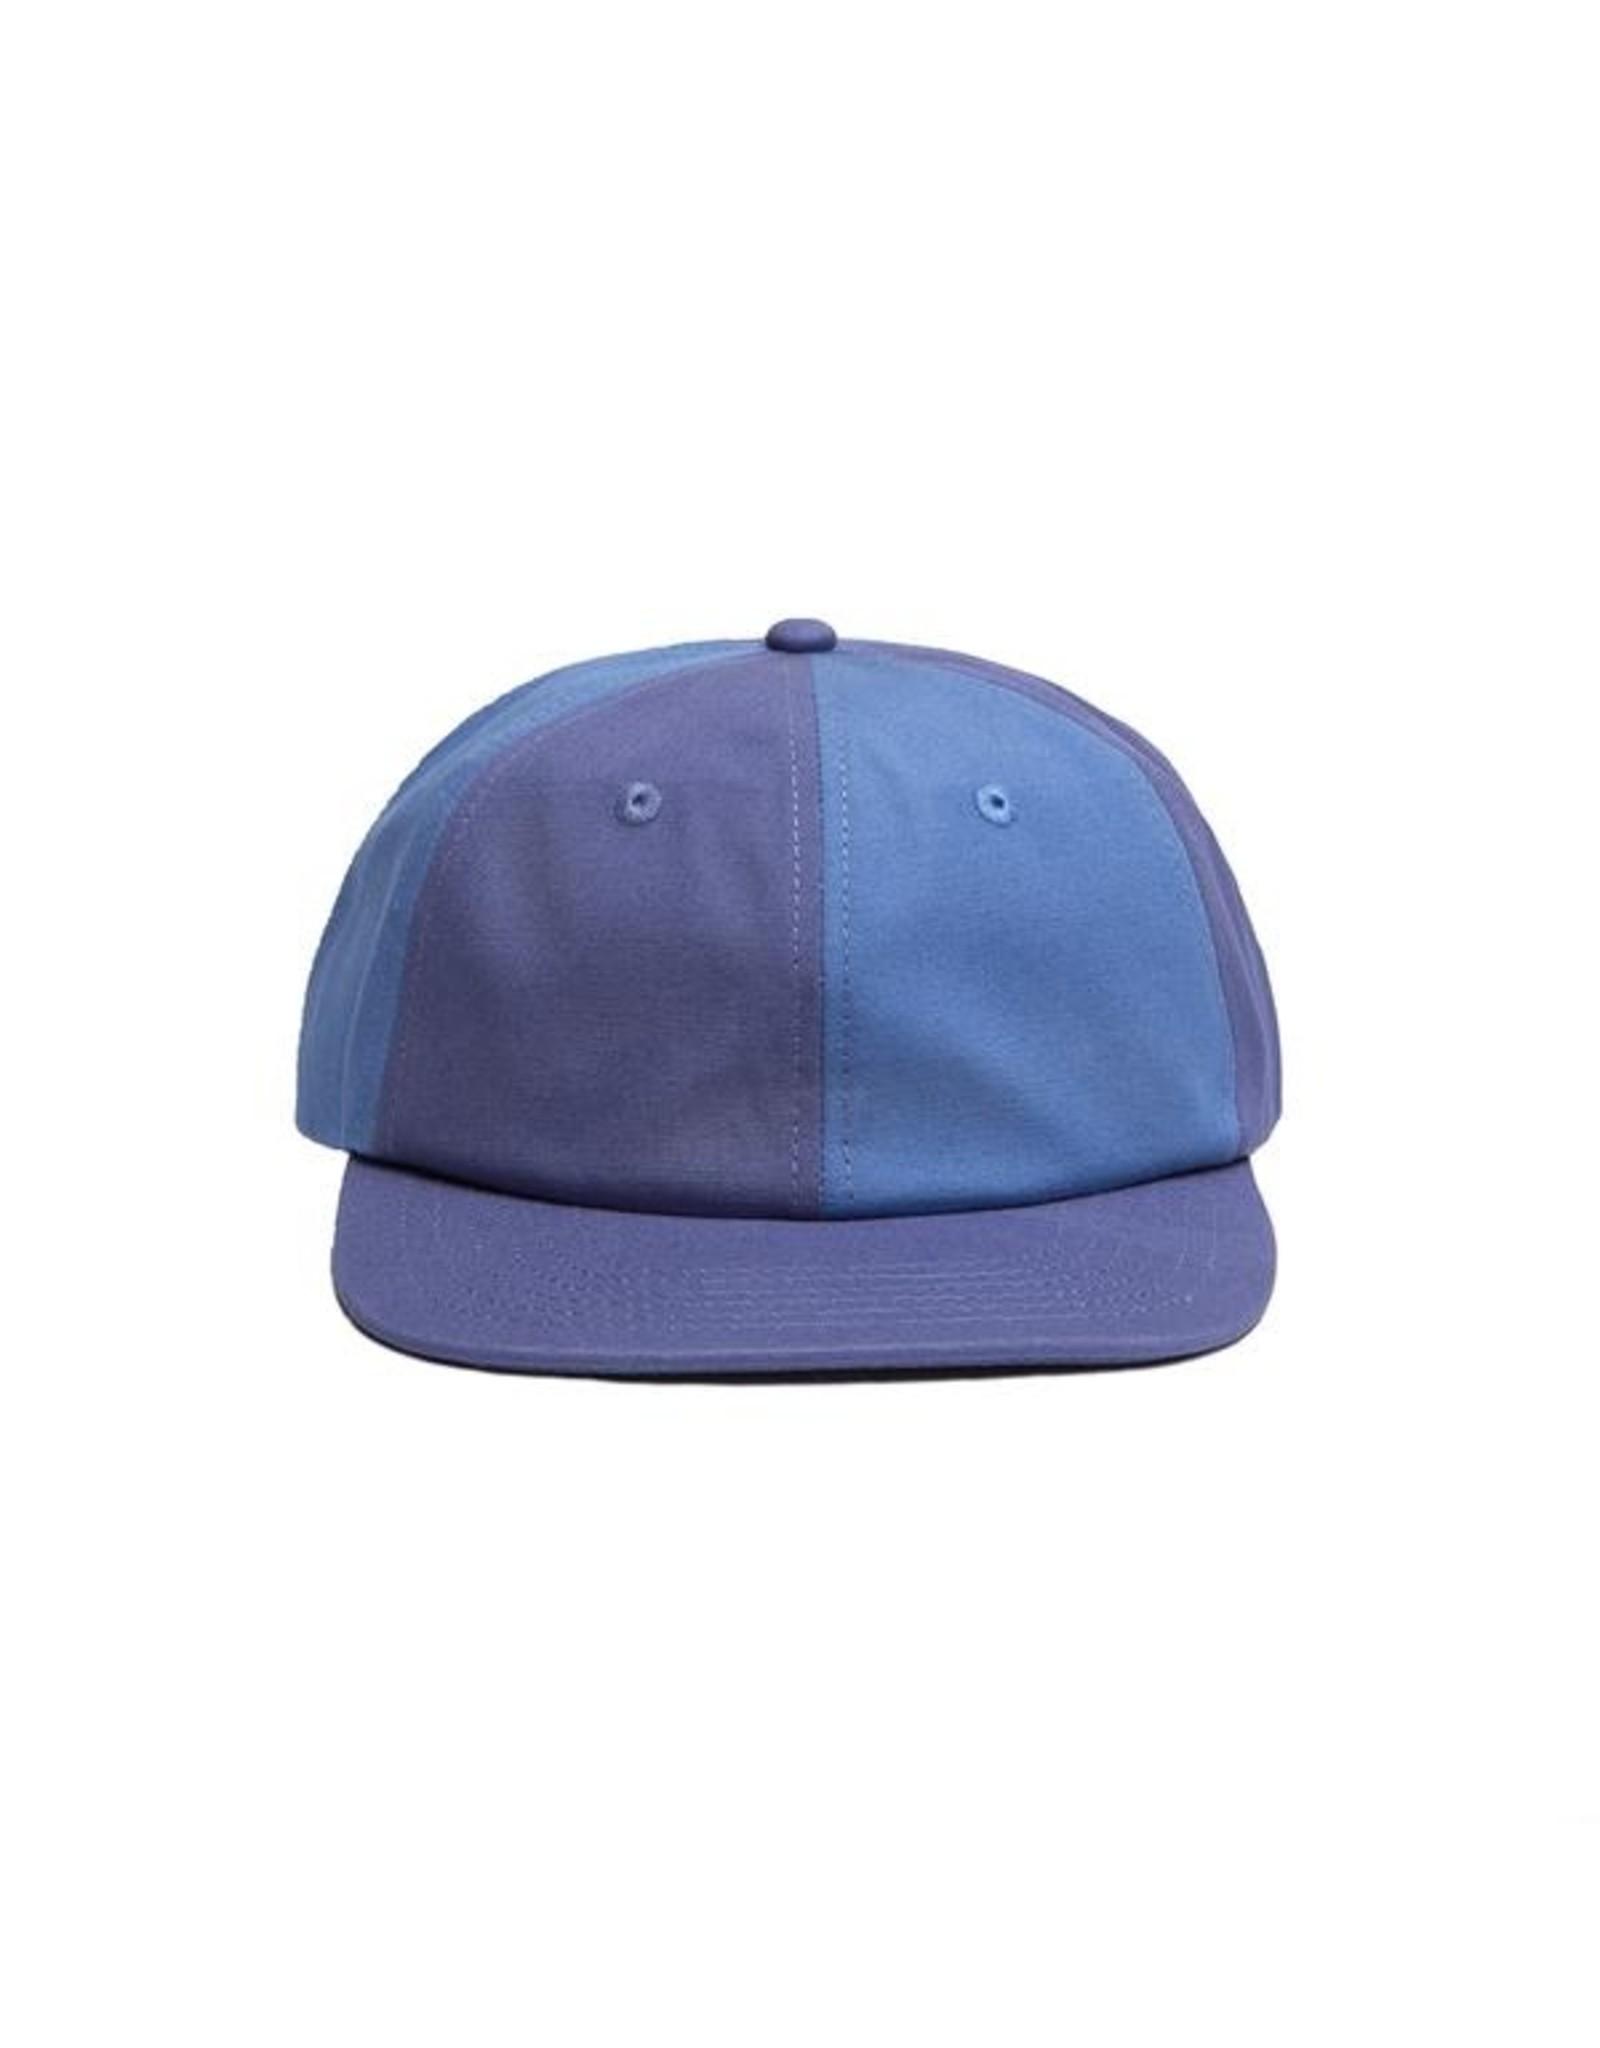 ALLTIMERS ALLTIMERS - TONE DEF HAT - BLUE